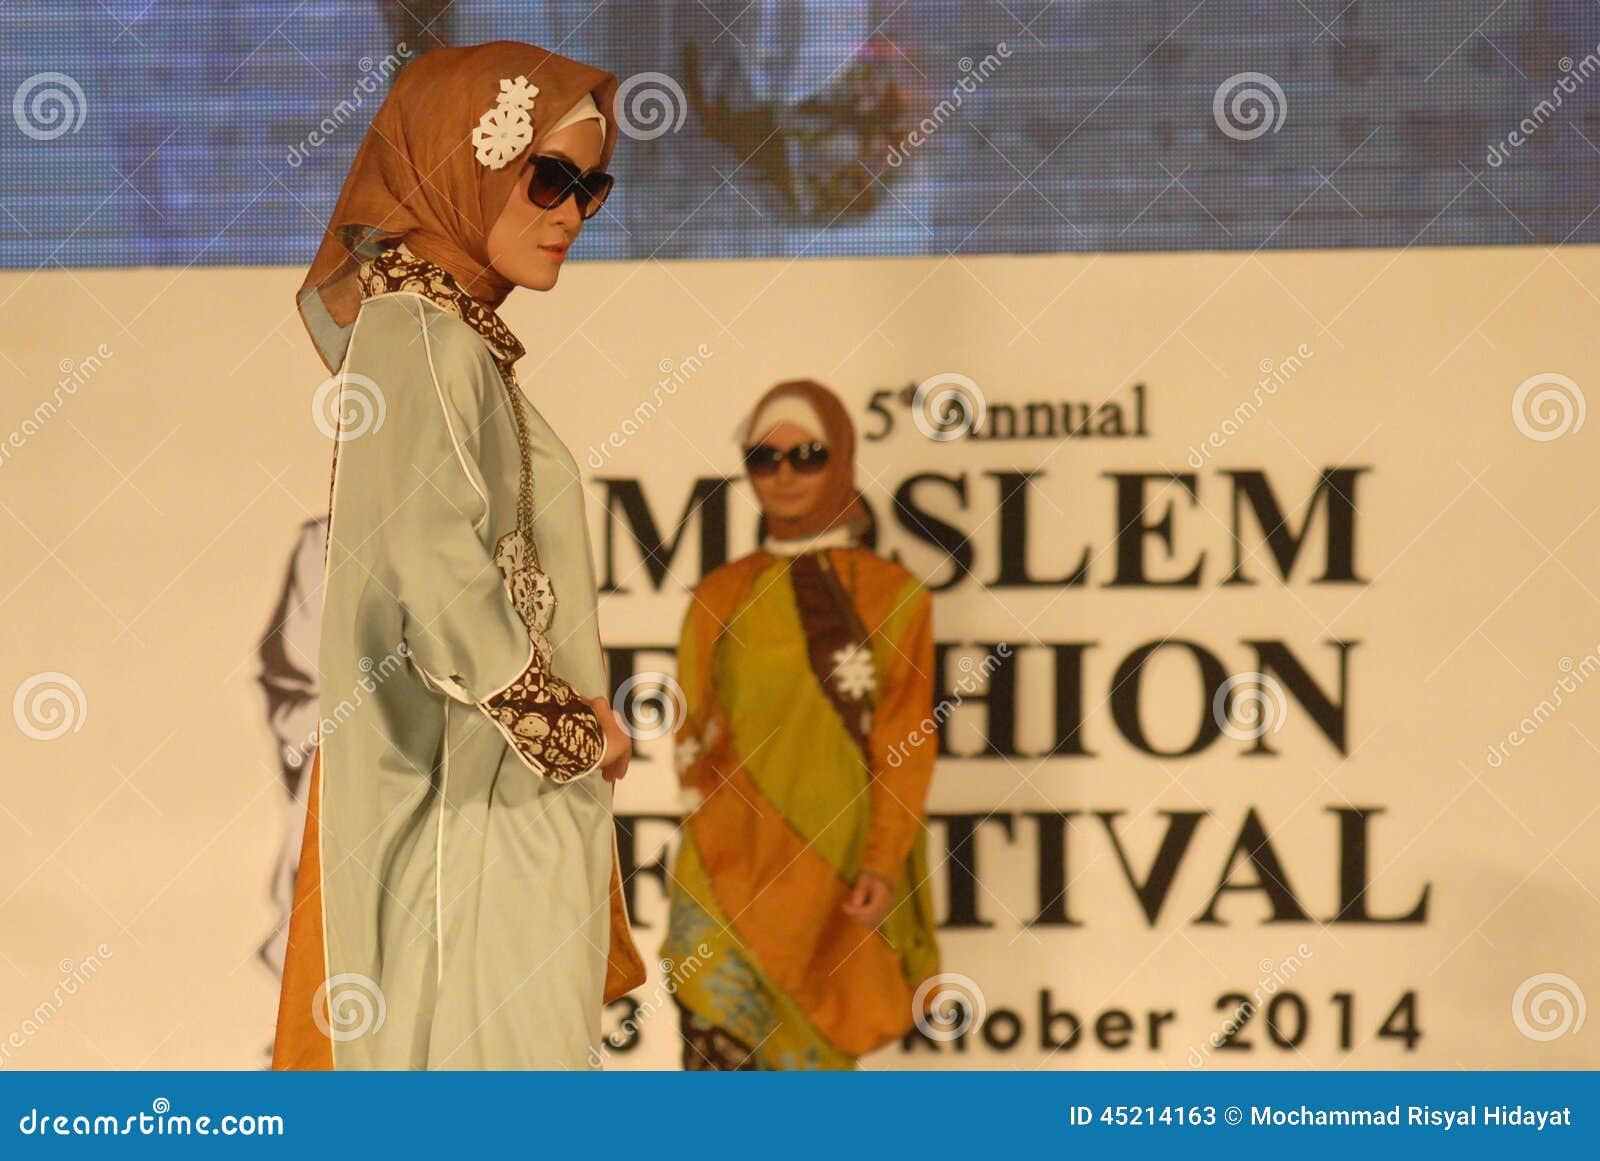 Muslim Fashion Festival 2014